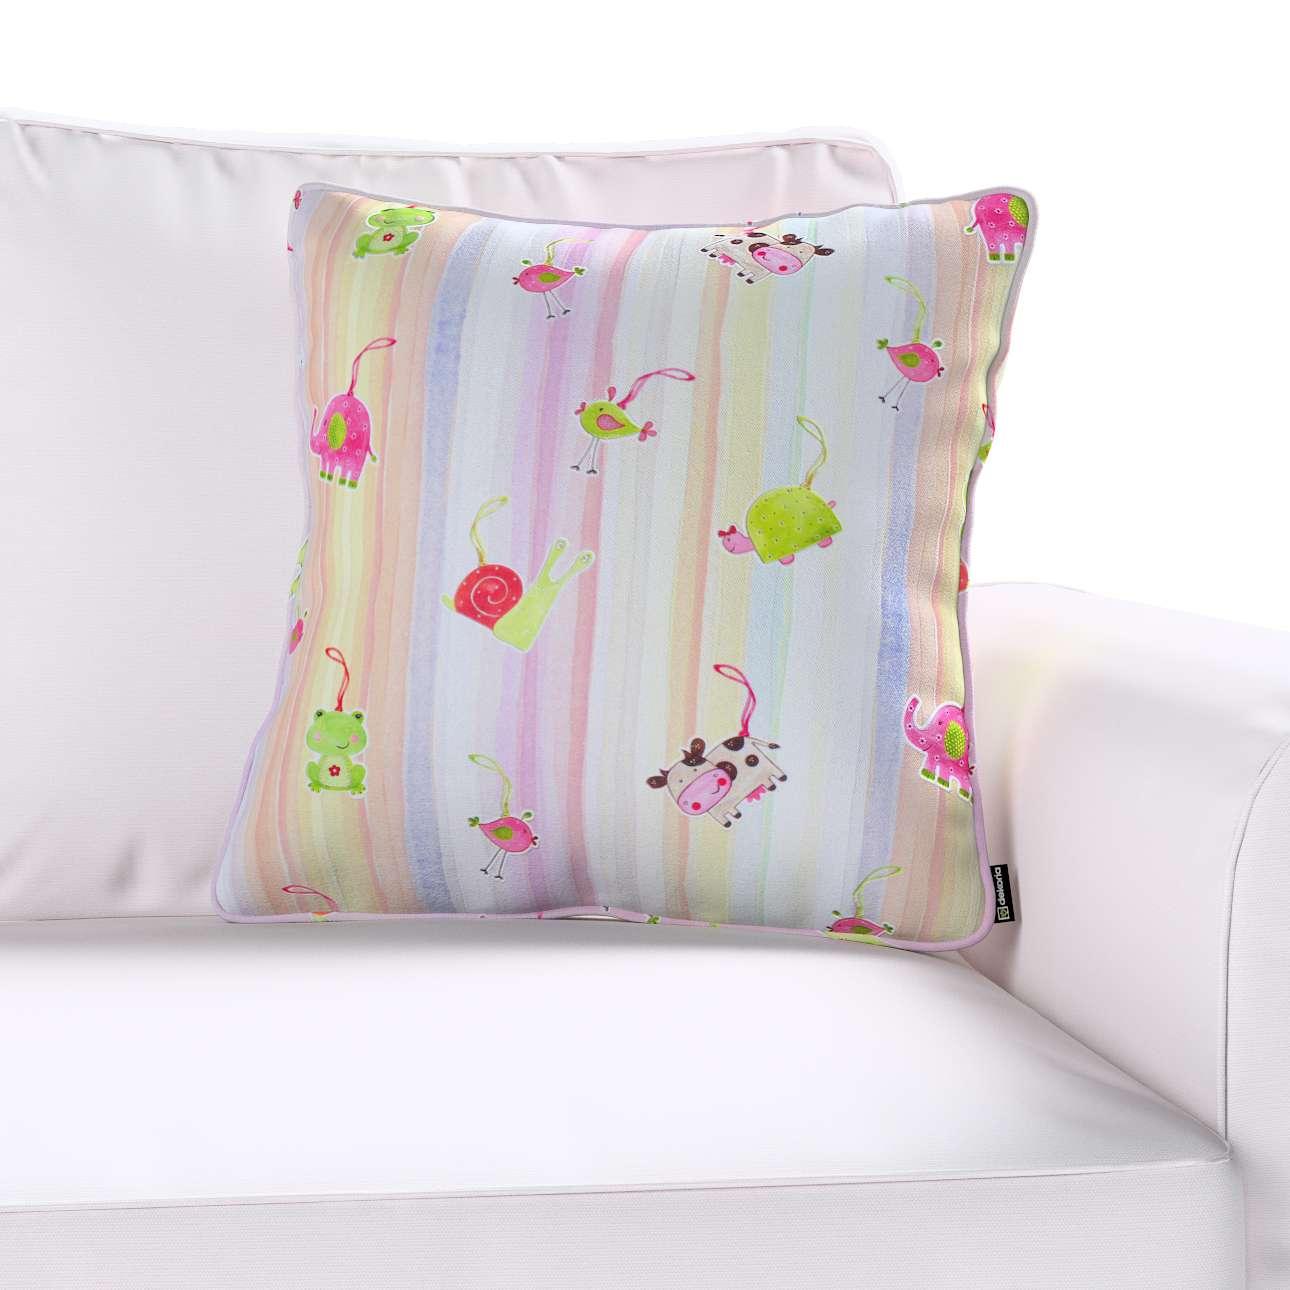 Gabi dekoratyvinės pagavėlės užvalkalas su specialia siūle 45 × 45 cm kolekcijoje Apanona, audinys: 151-05